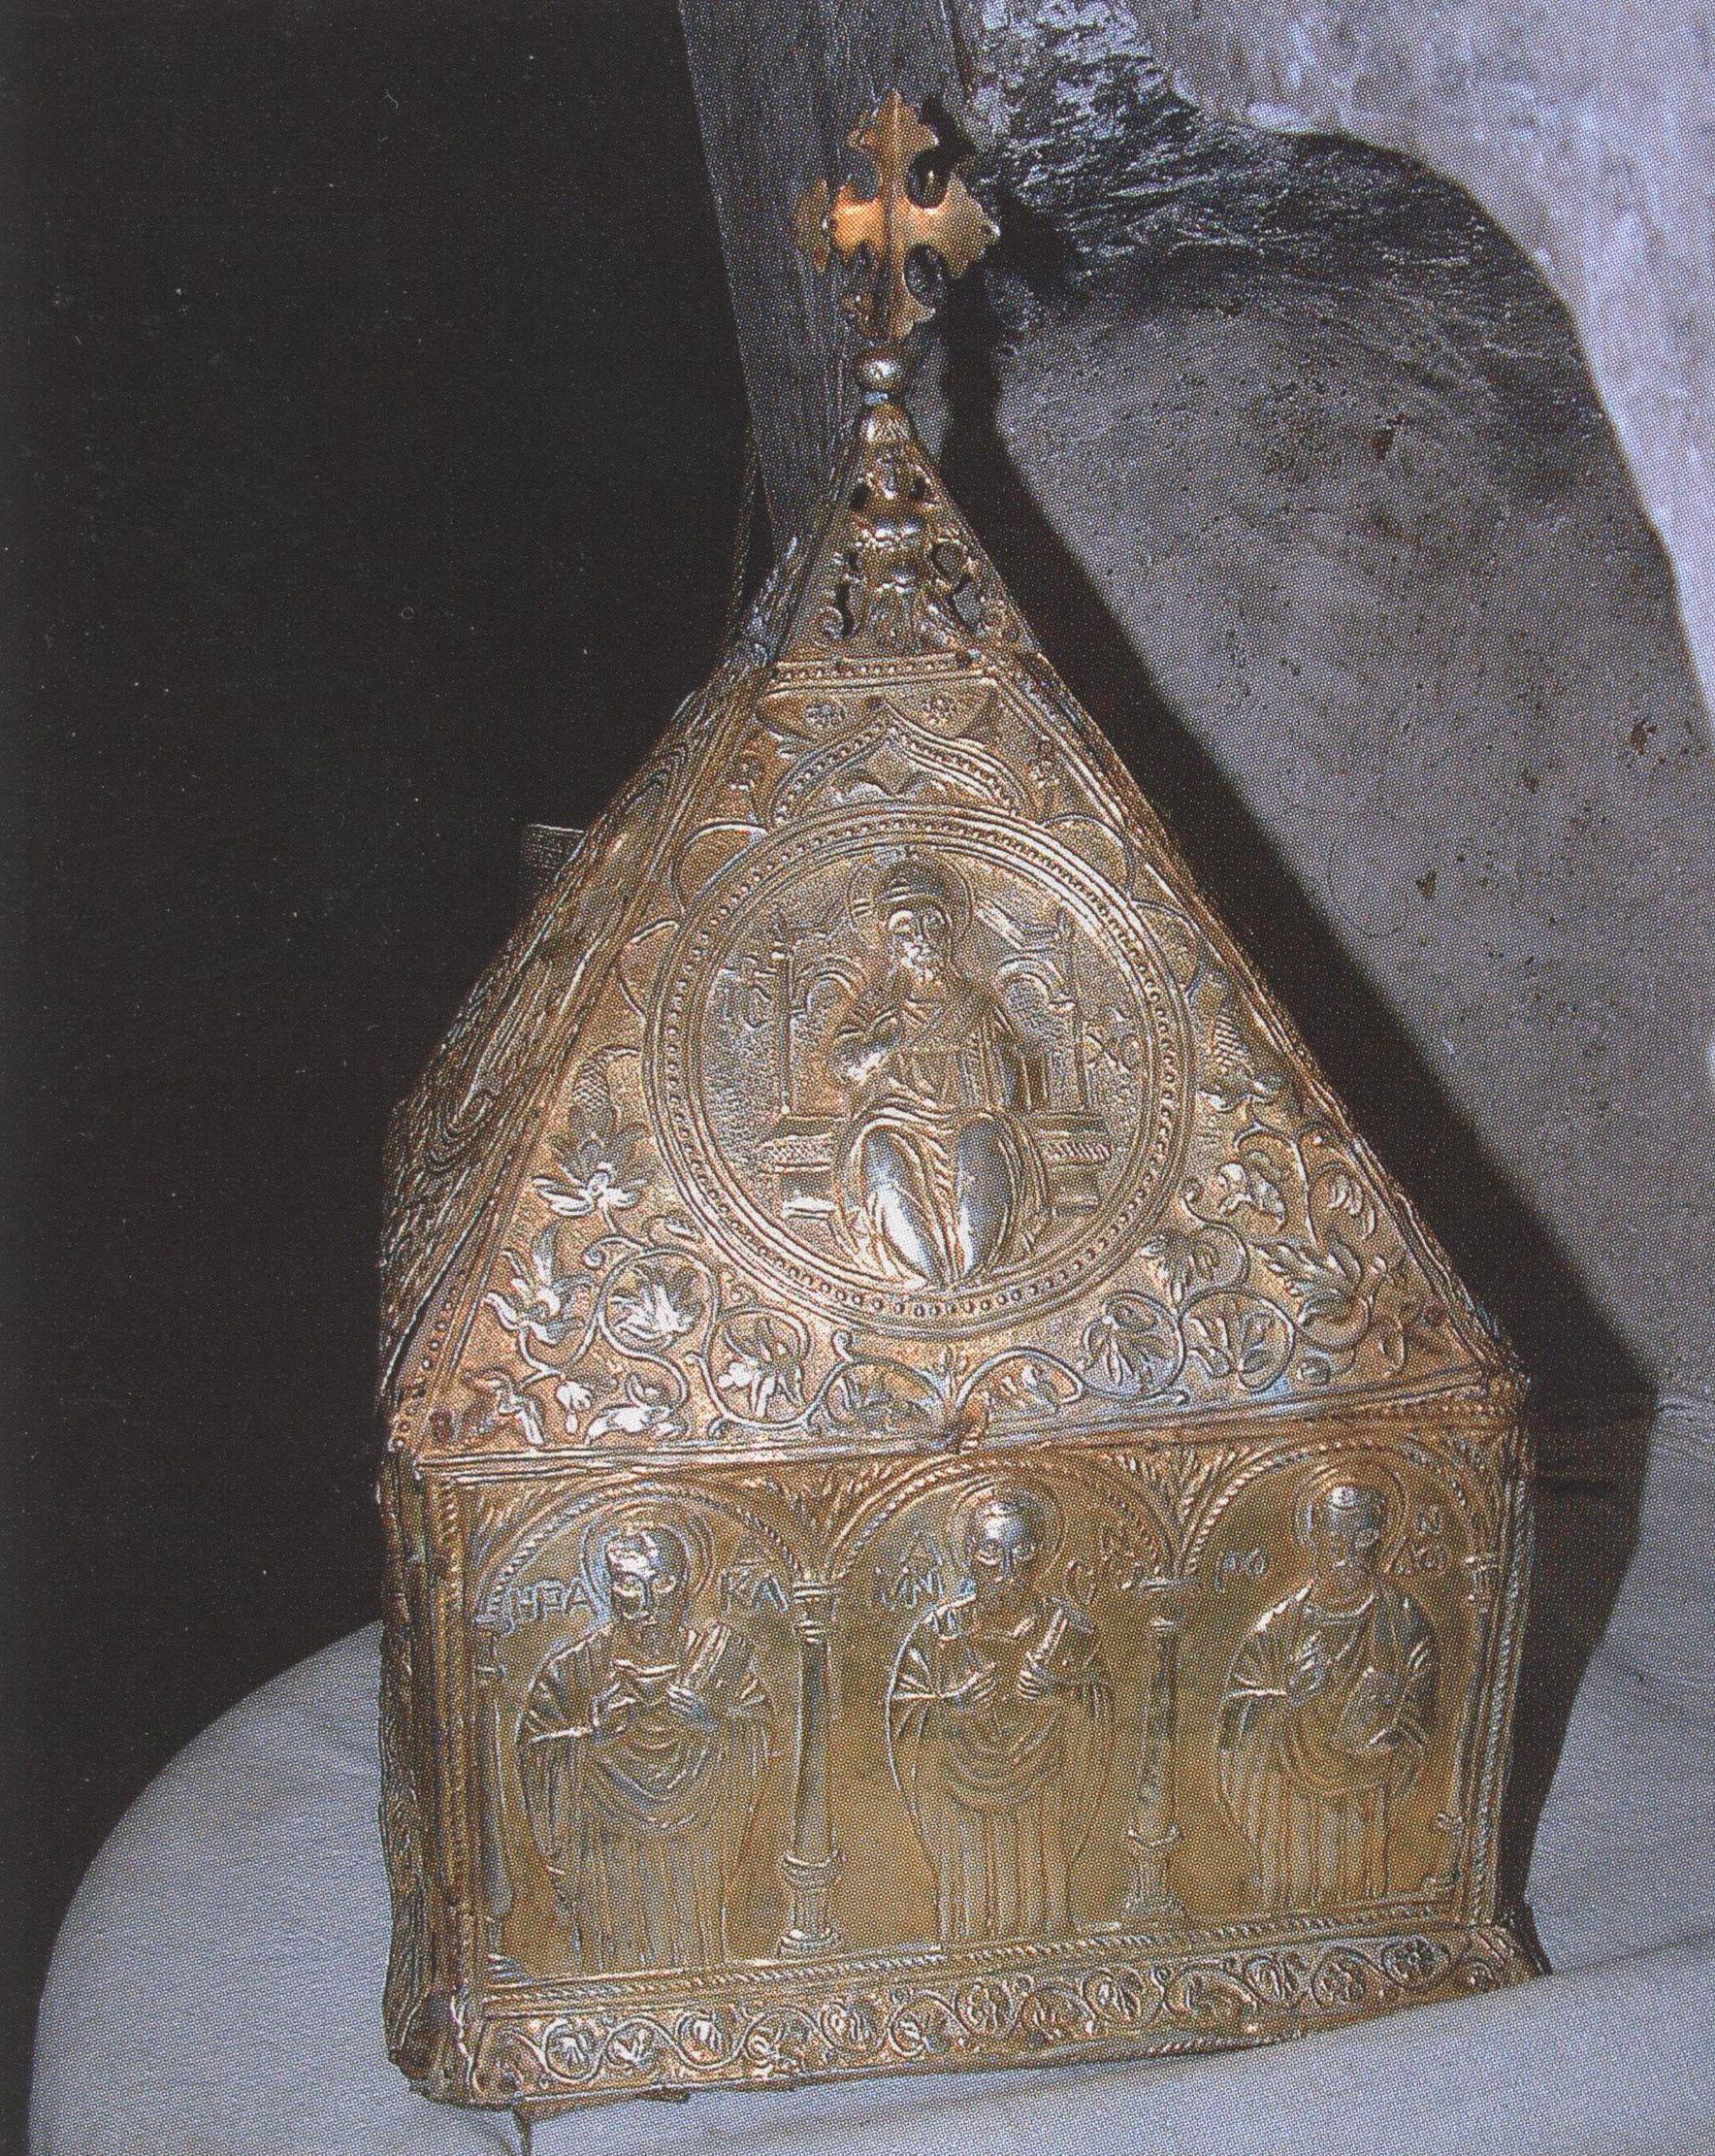 Αργυρή Λειψανοθήκη του Αγίου Ιωάννη Λαμπαδιστή.